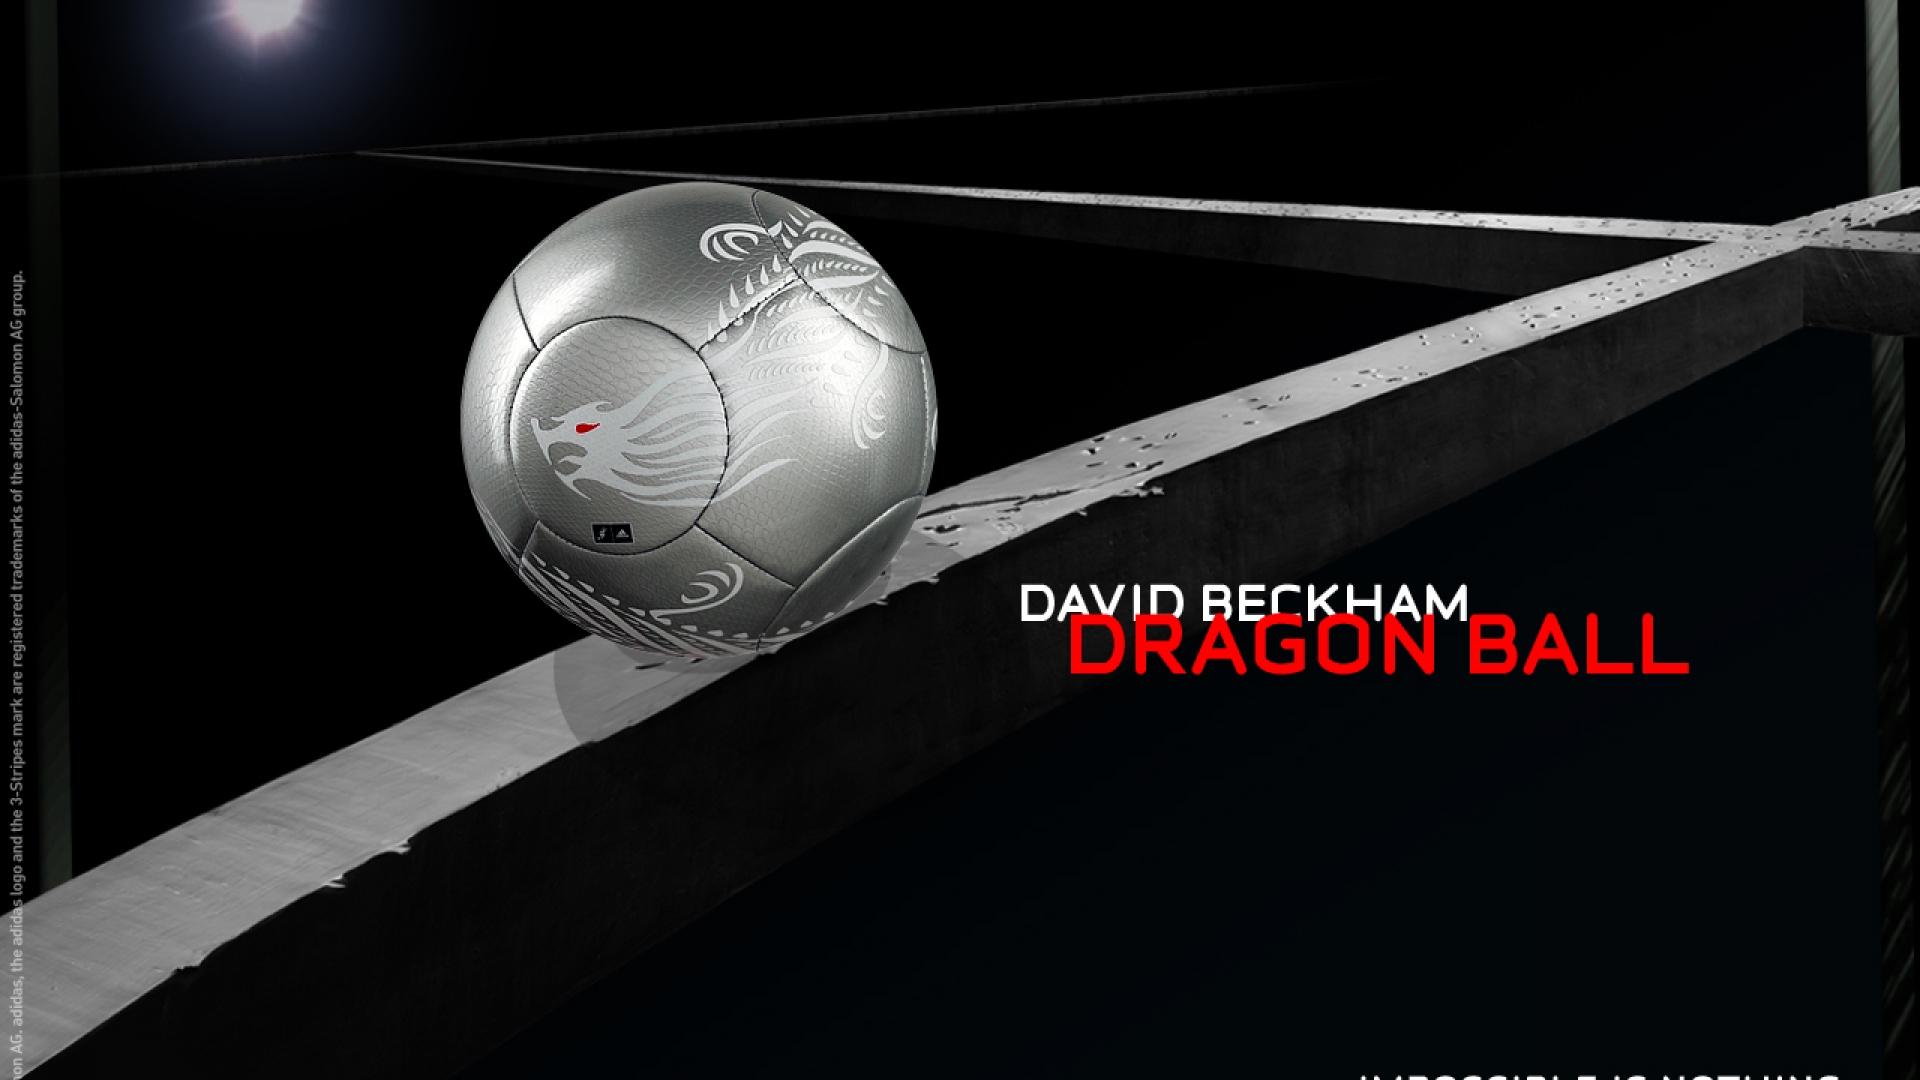 Beckham-Soccer-Wallpaper